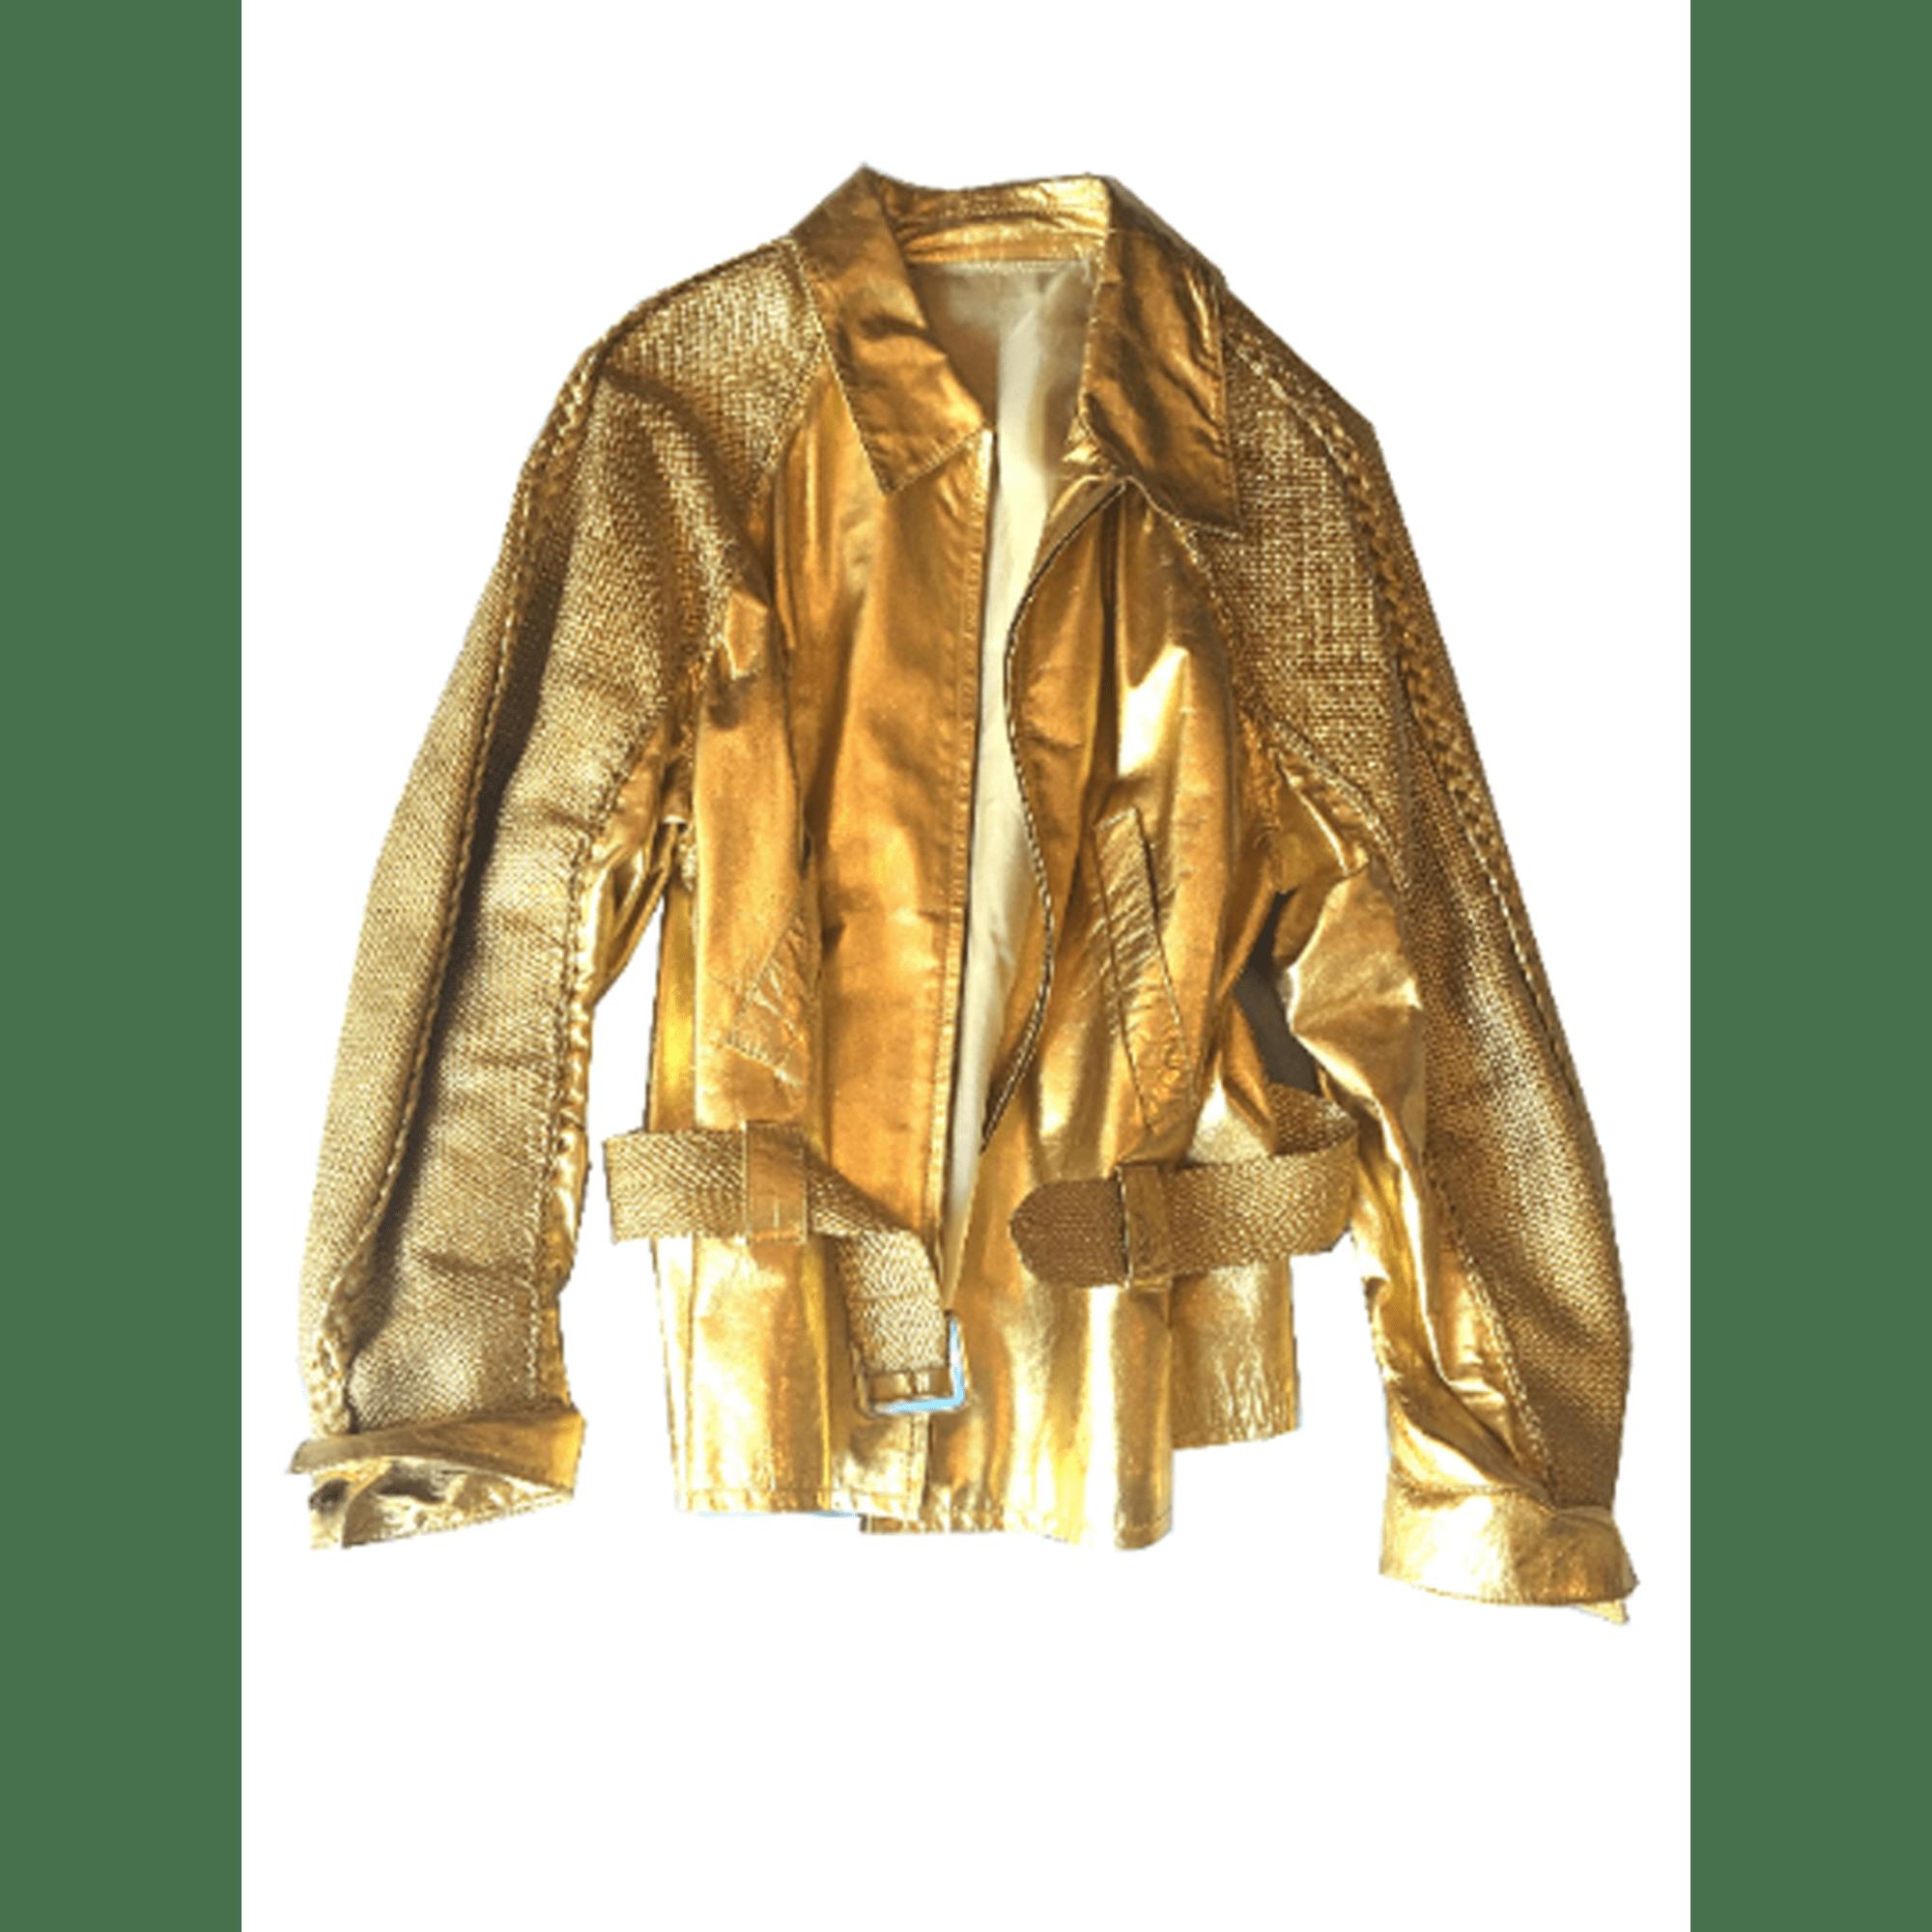 Veste en cuir ANDREA PFISTER Doré, bronze, cuivre